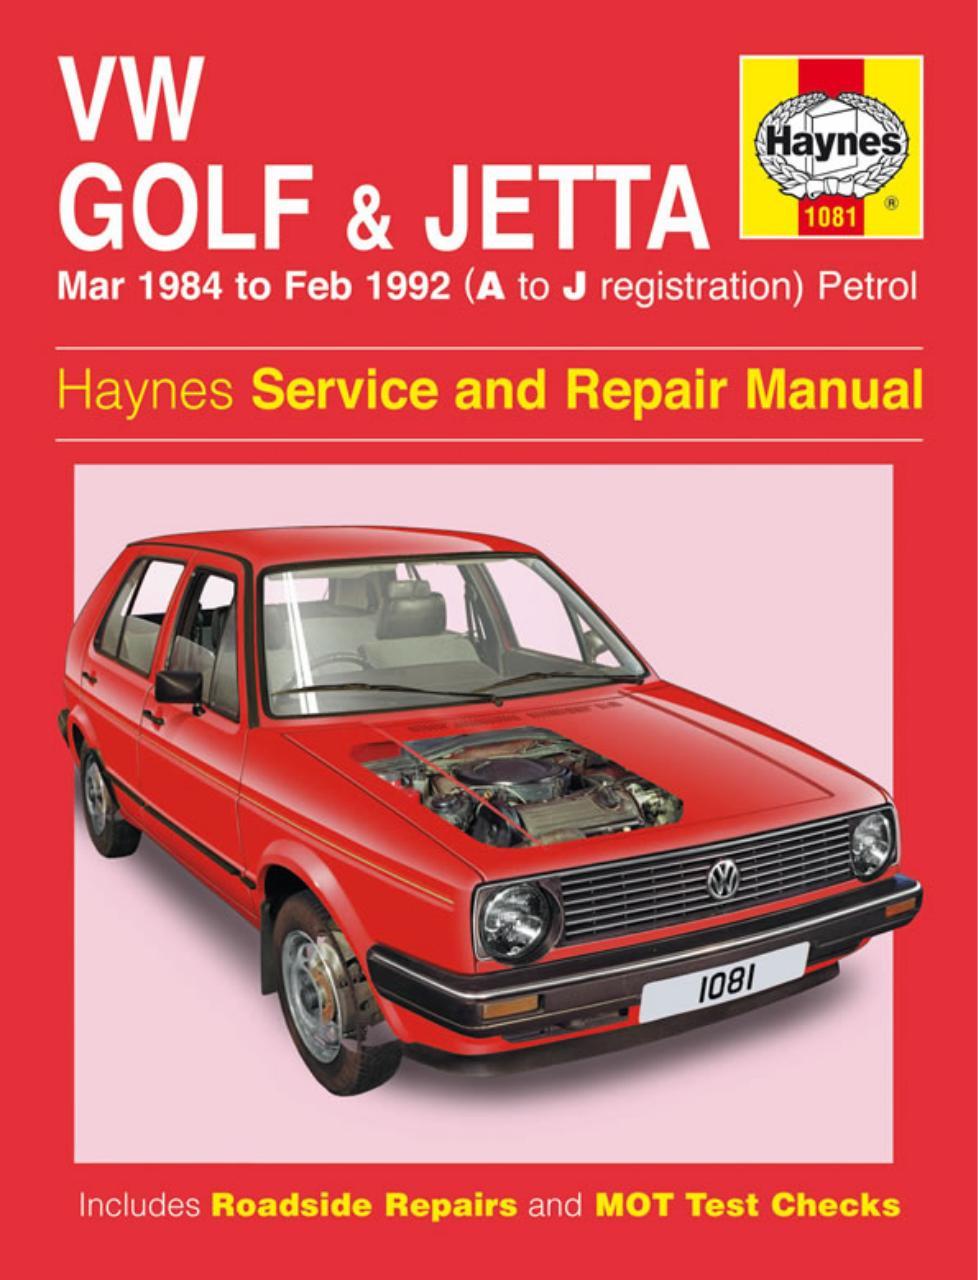 haynes golf2 84 92 essence n 1081 par fourbi revue technique rh fichier pdf fr manual golf green mower manual golf gti japan